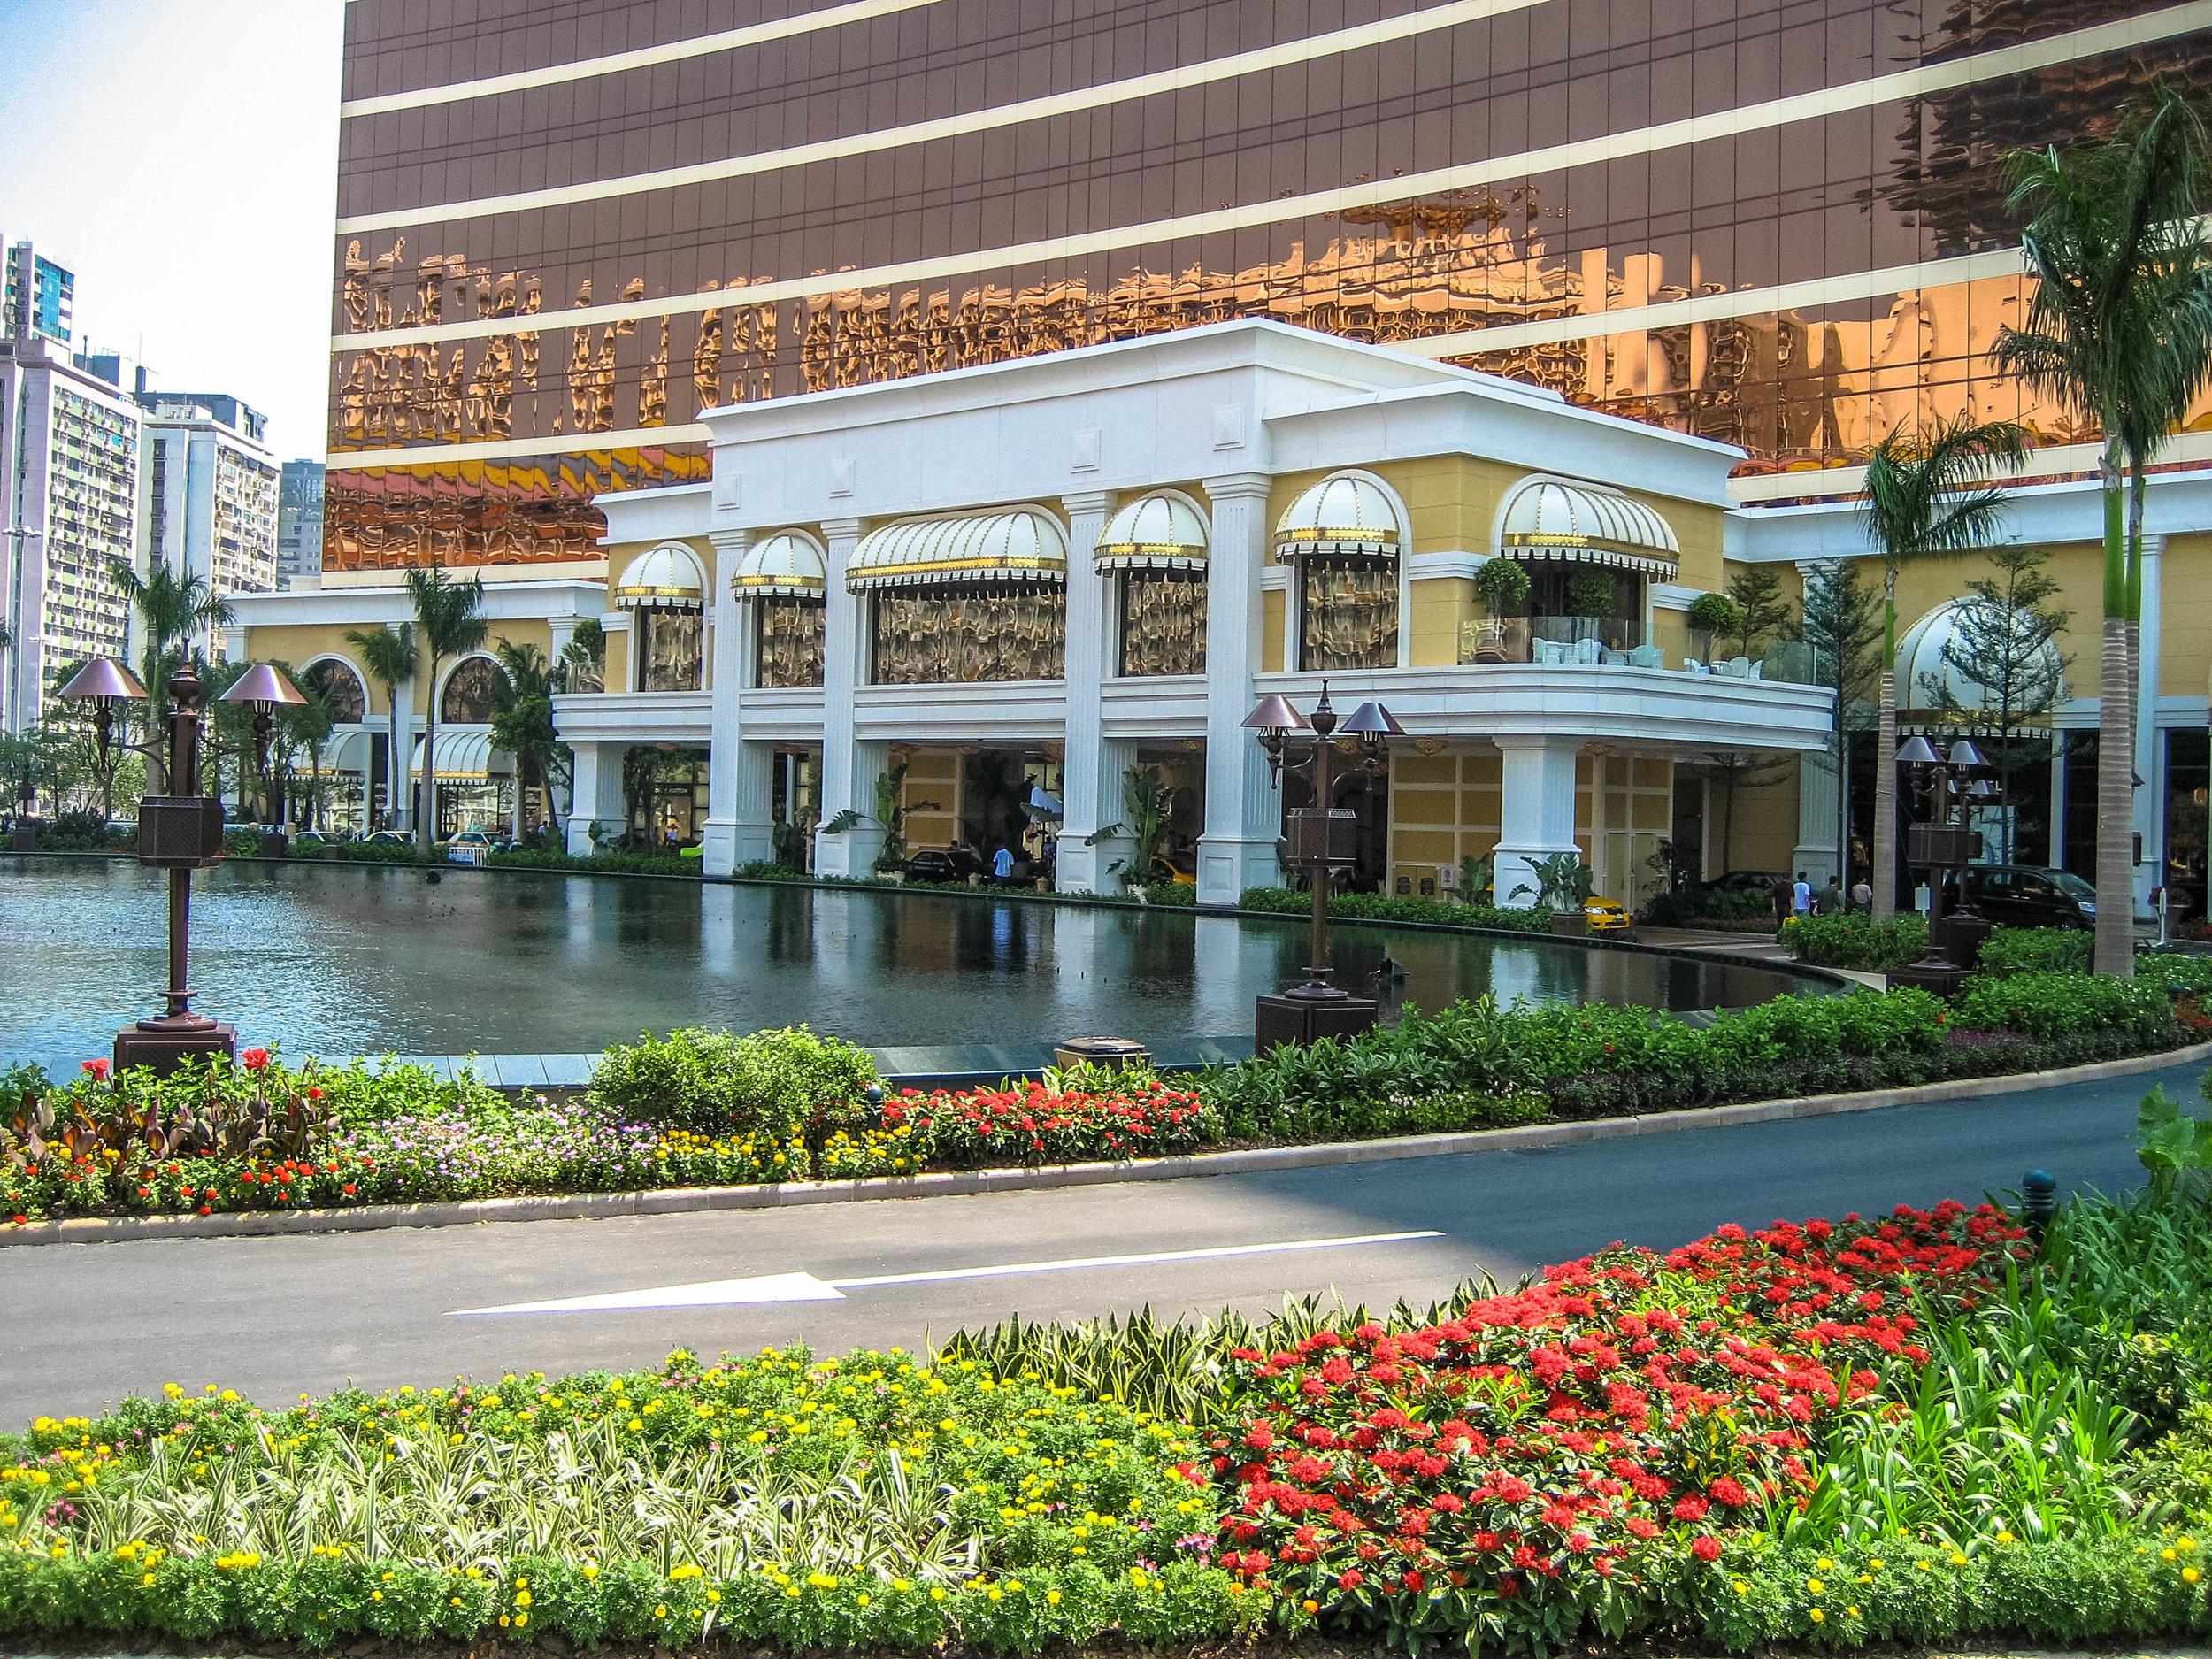 Wynn Resort - Macau, China